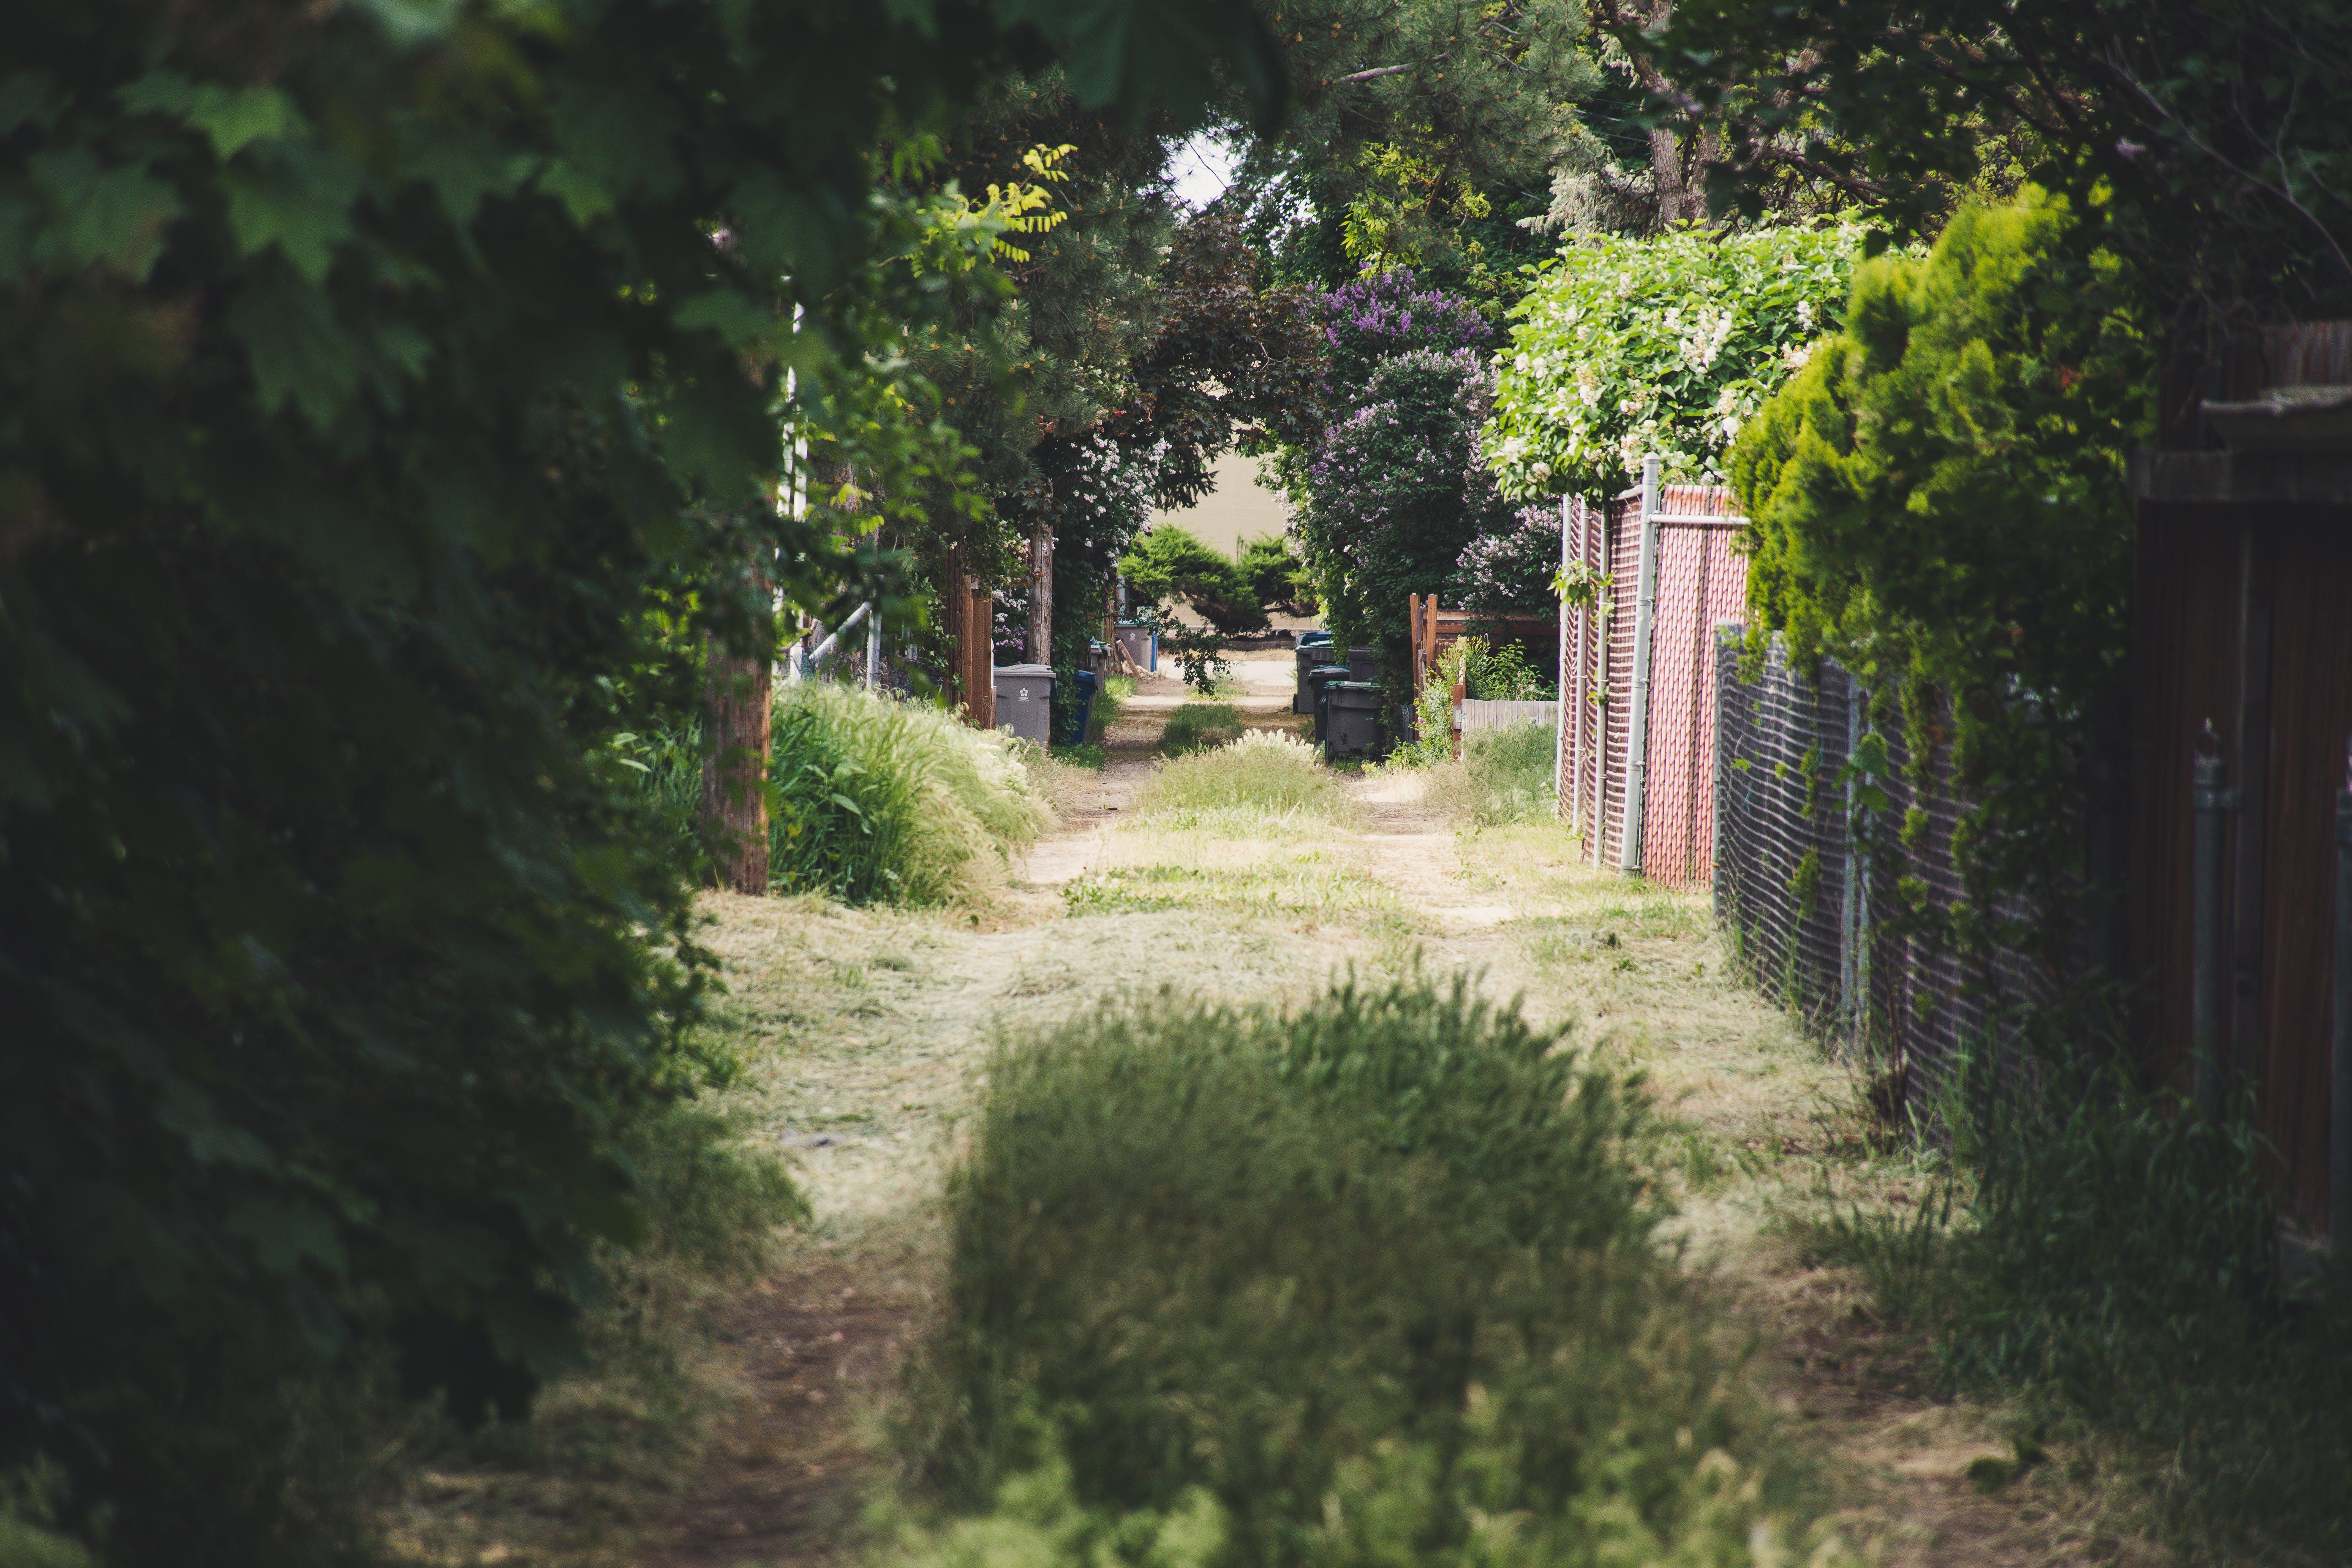 açık, ağaçlar, Bahçe, çevre içeren Ücretsiz stok fotoğraf